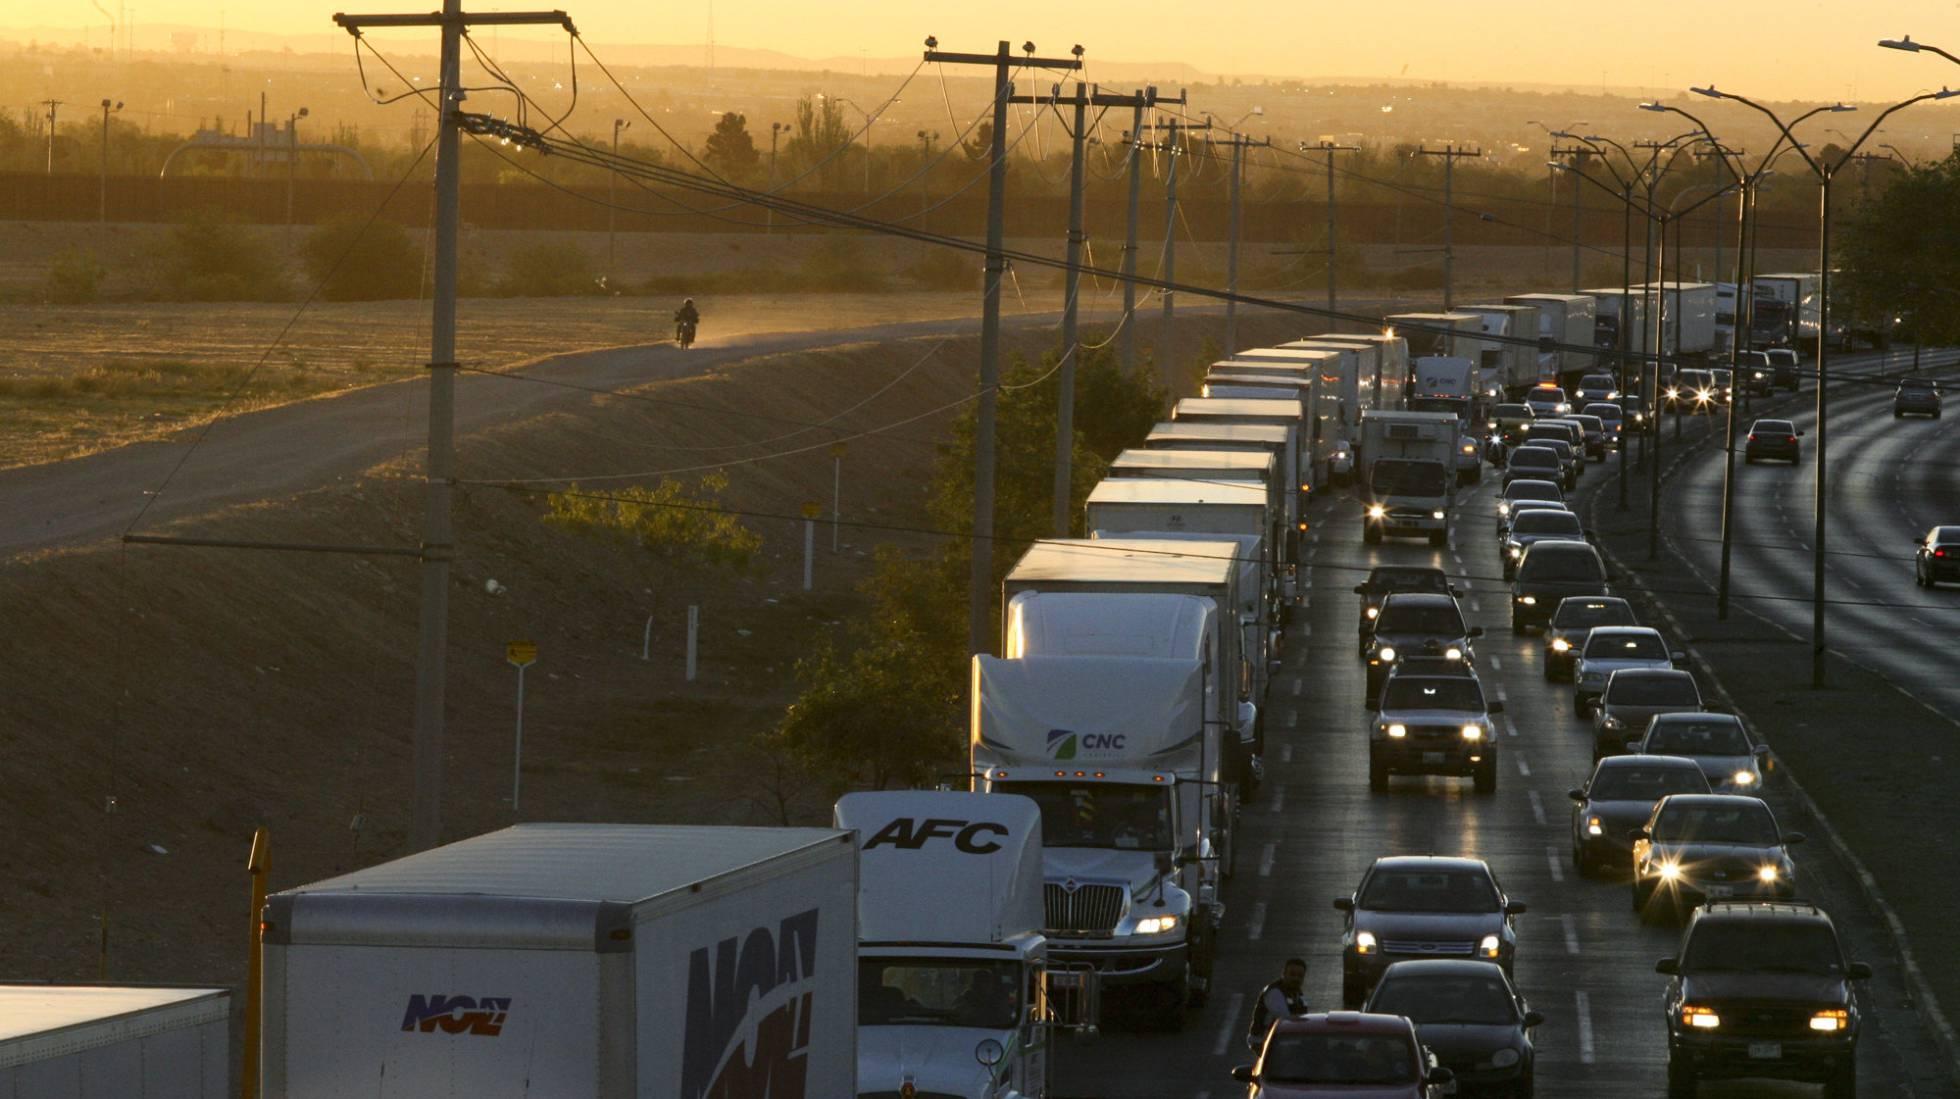 La amenaza de aranceles de EE UU acerca la economía mexicana al abismo